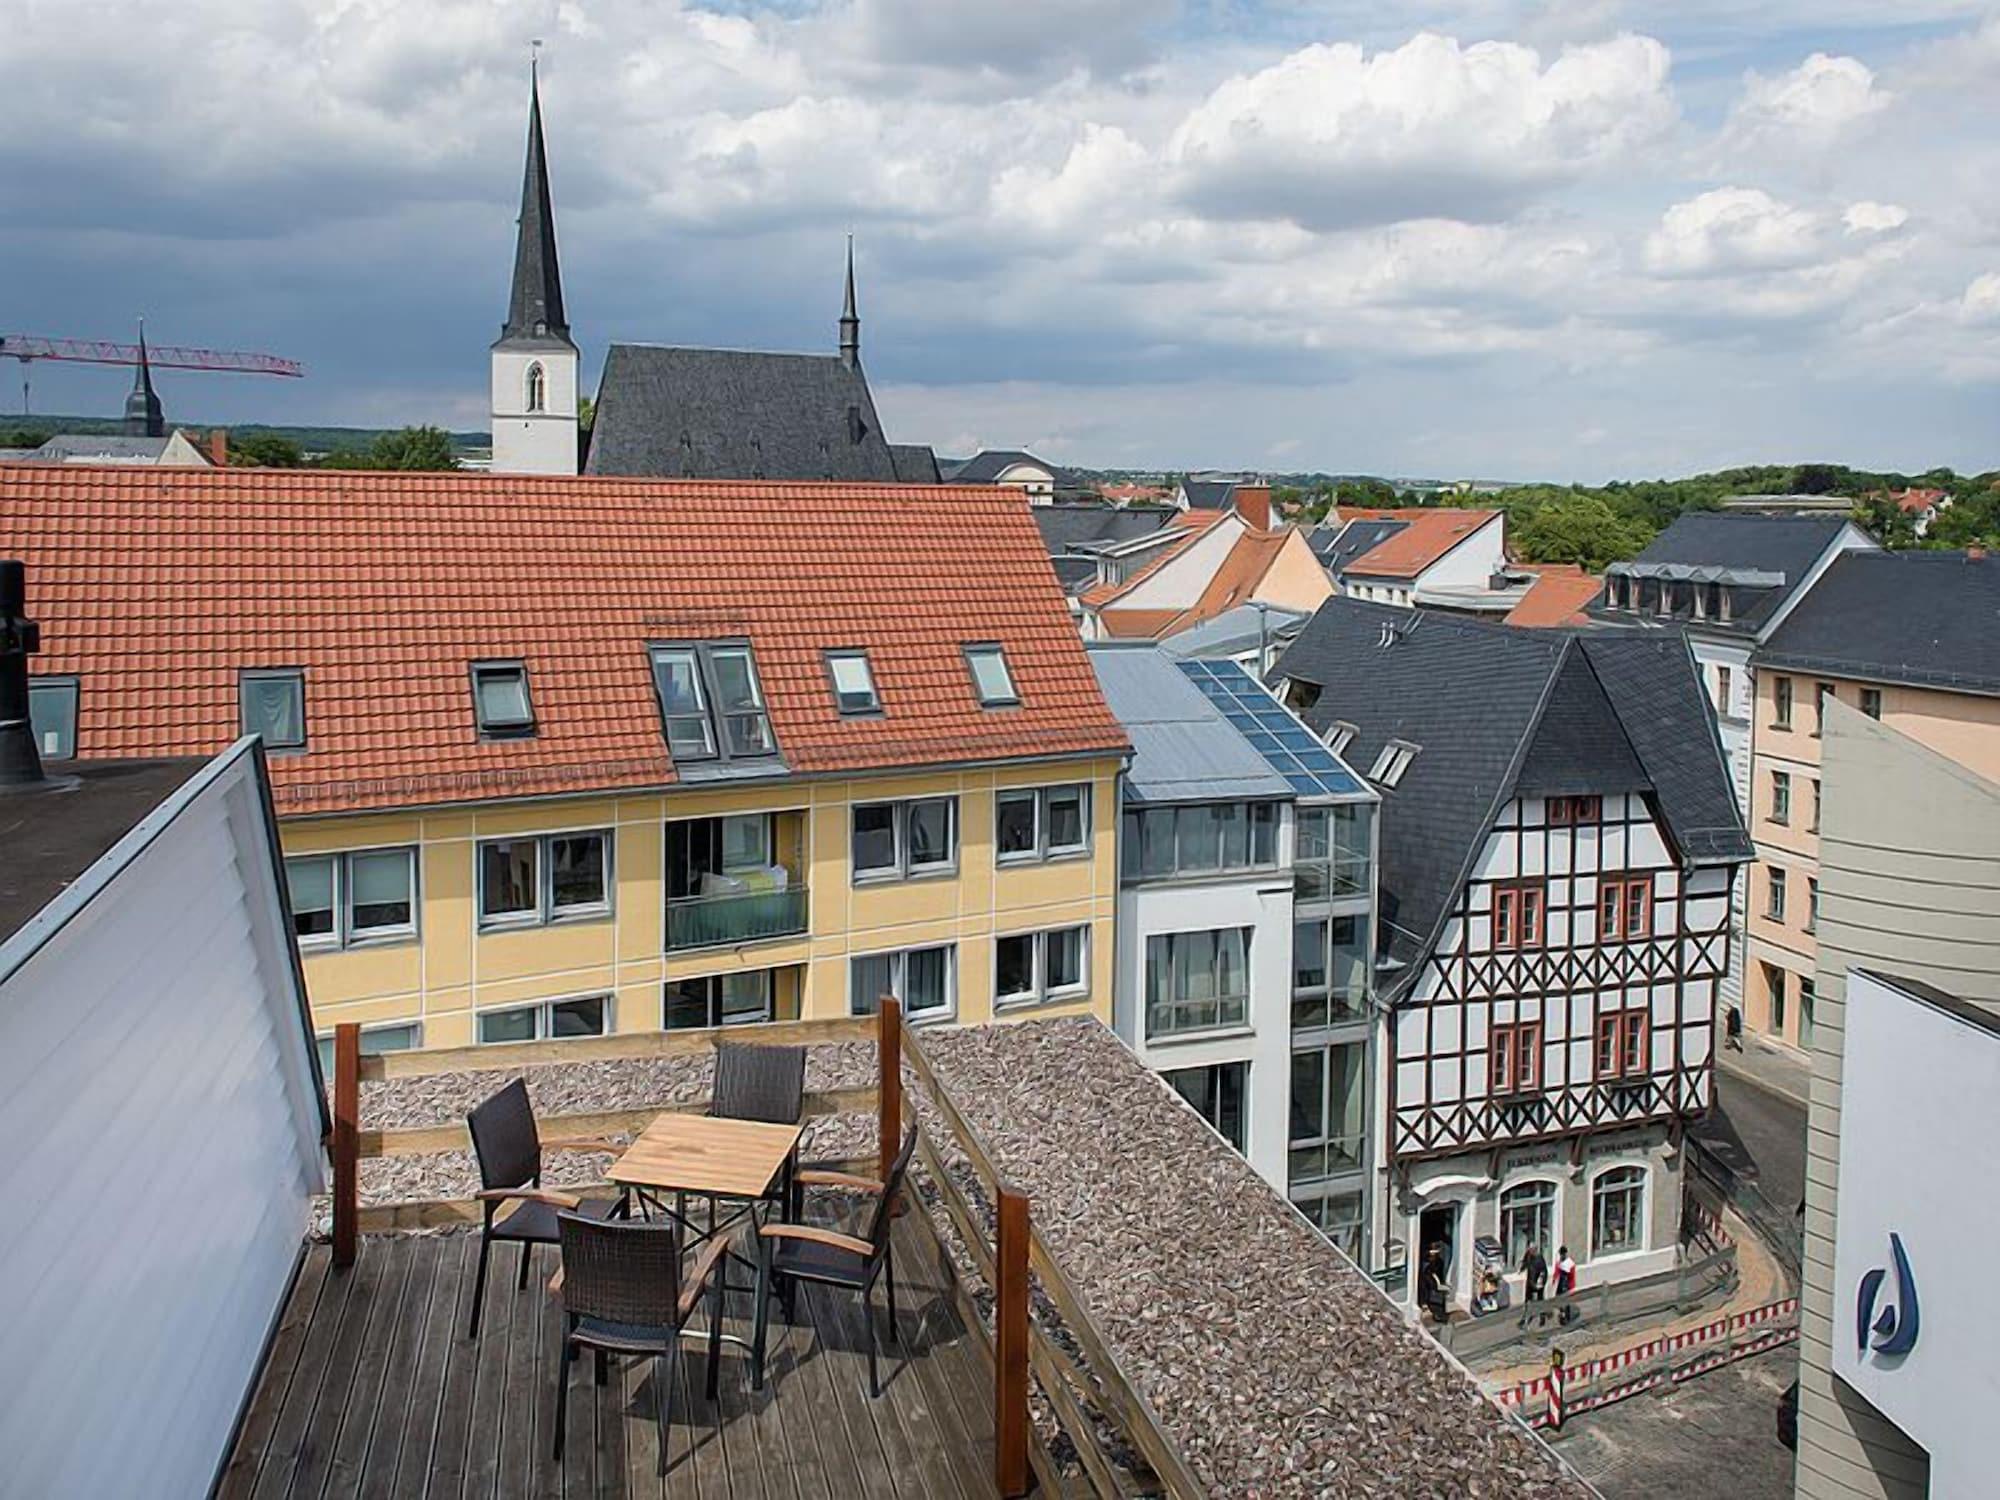 FeWo Marktplatz, Weimar